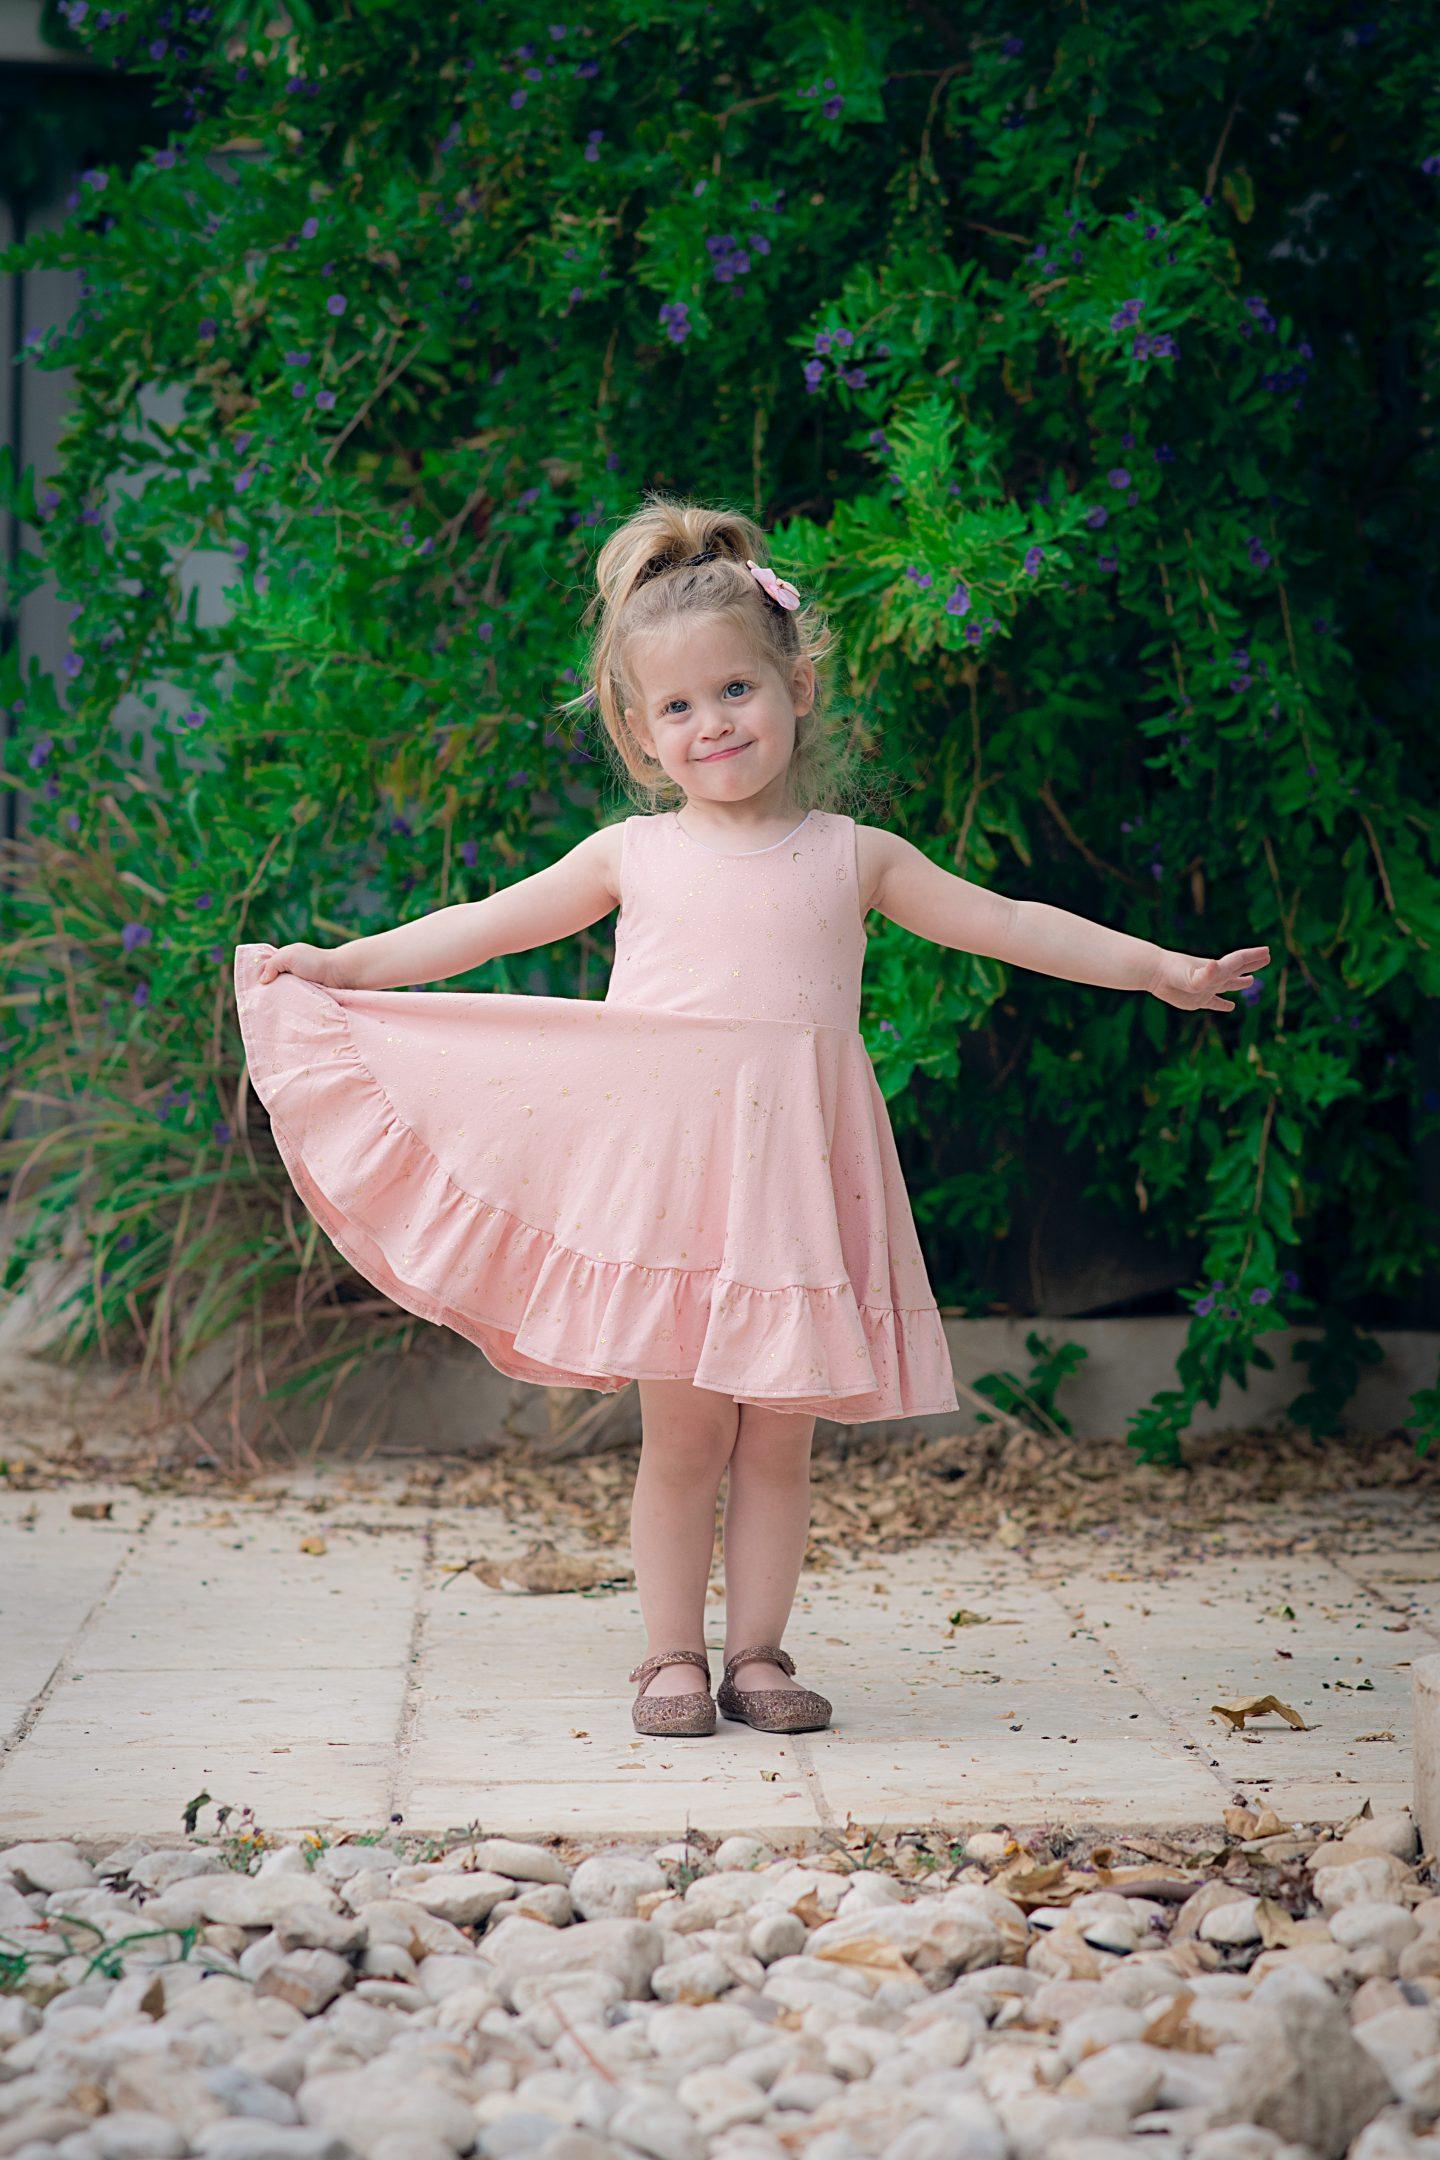 שמלה מסתובבת לילדות עלמונת איה ויצנר